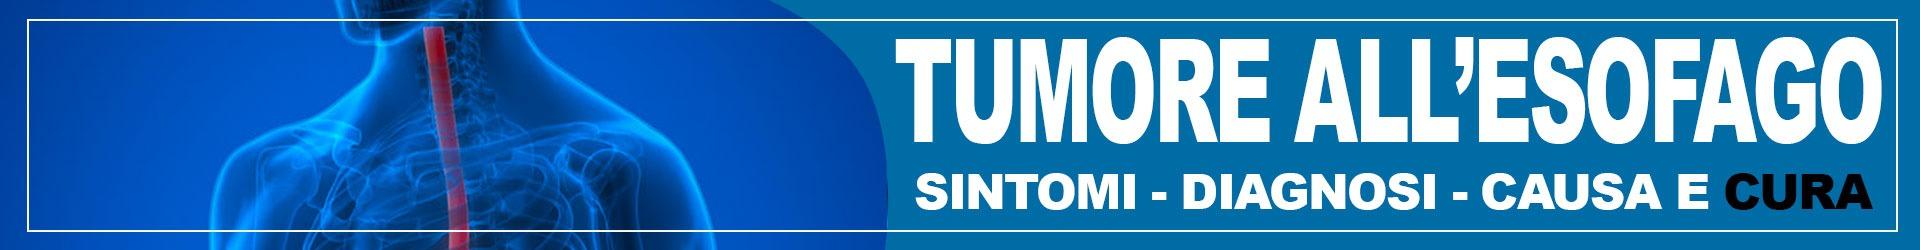 tumore-all-esofago-sintomi-diagnosi-e-cura